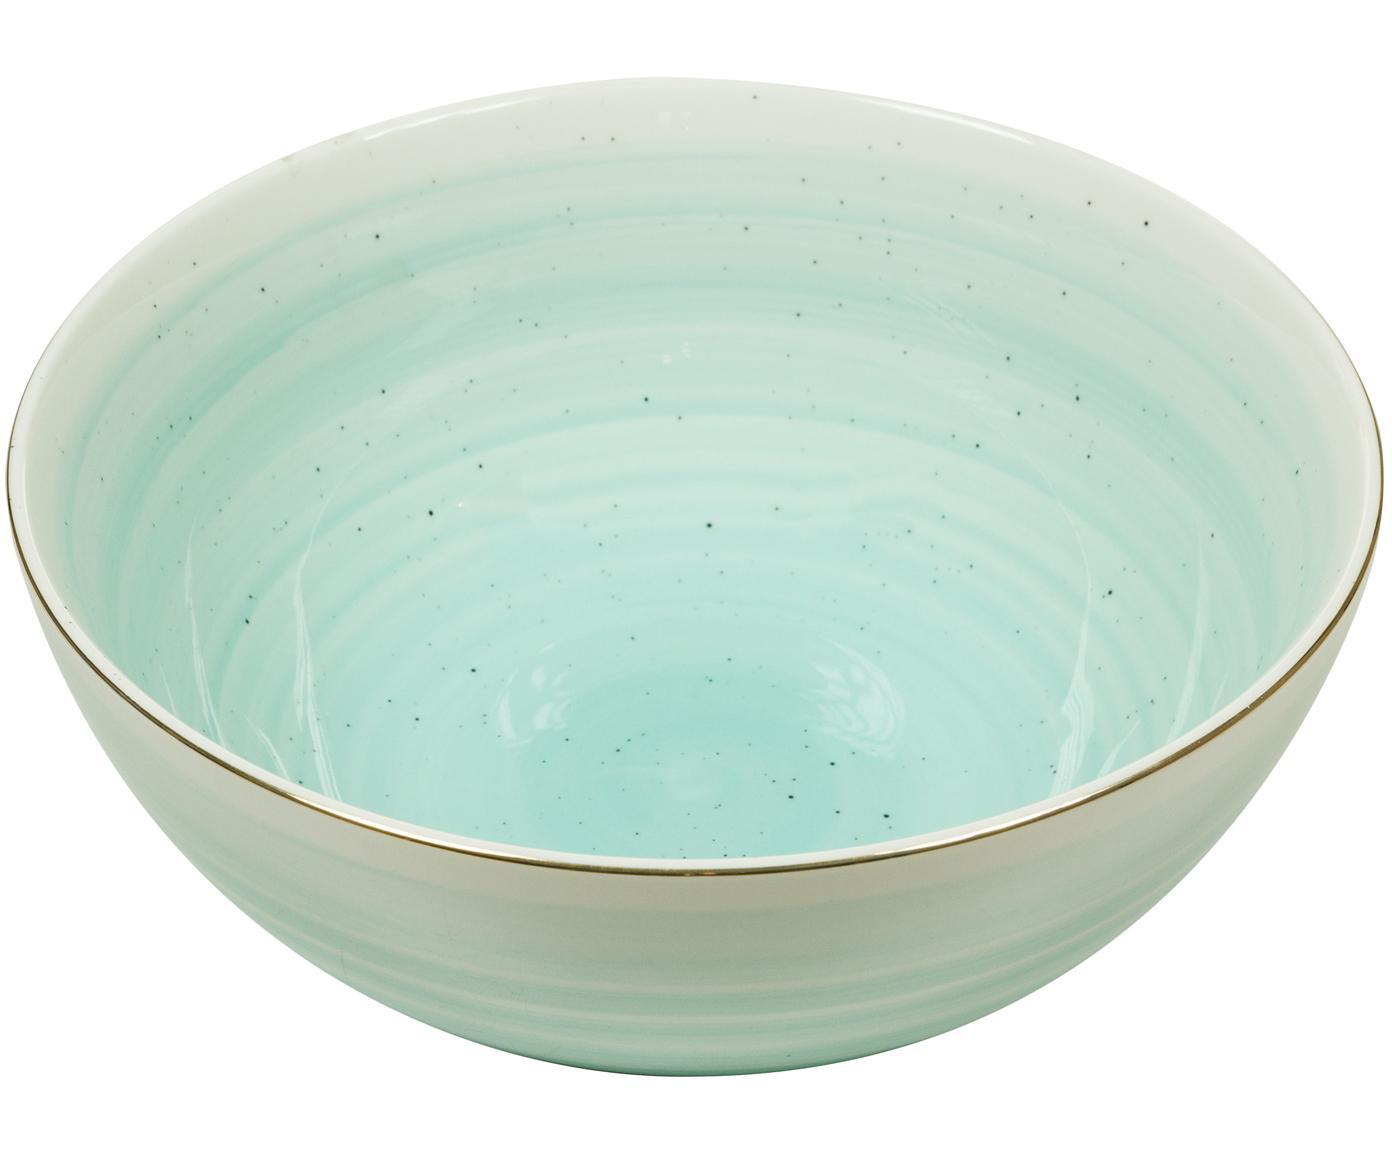 Ręcznie wykonana miska Bol, Porcelana, Turkusowoniebieski, Ø 22 x W 10 cm